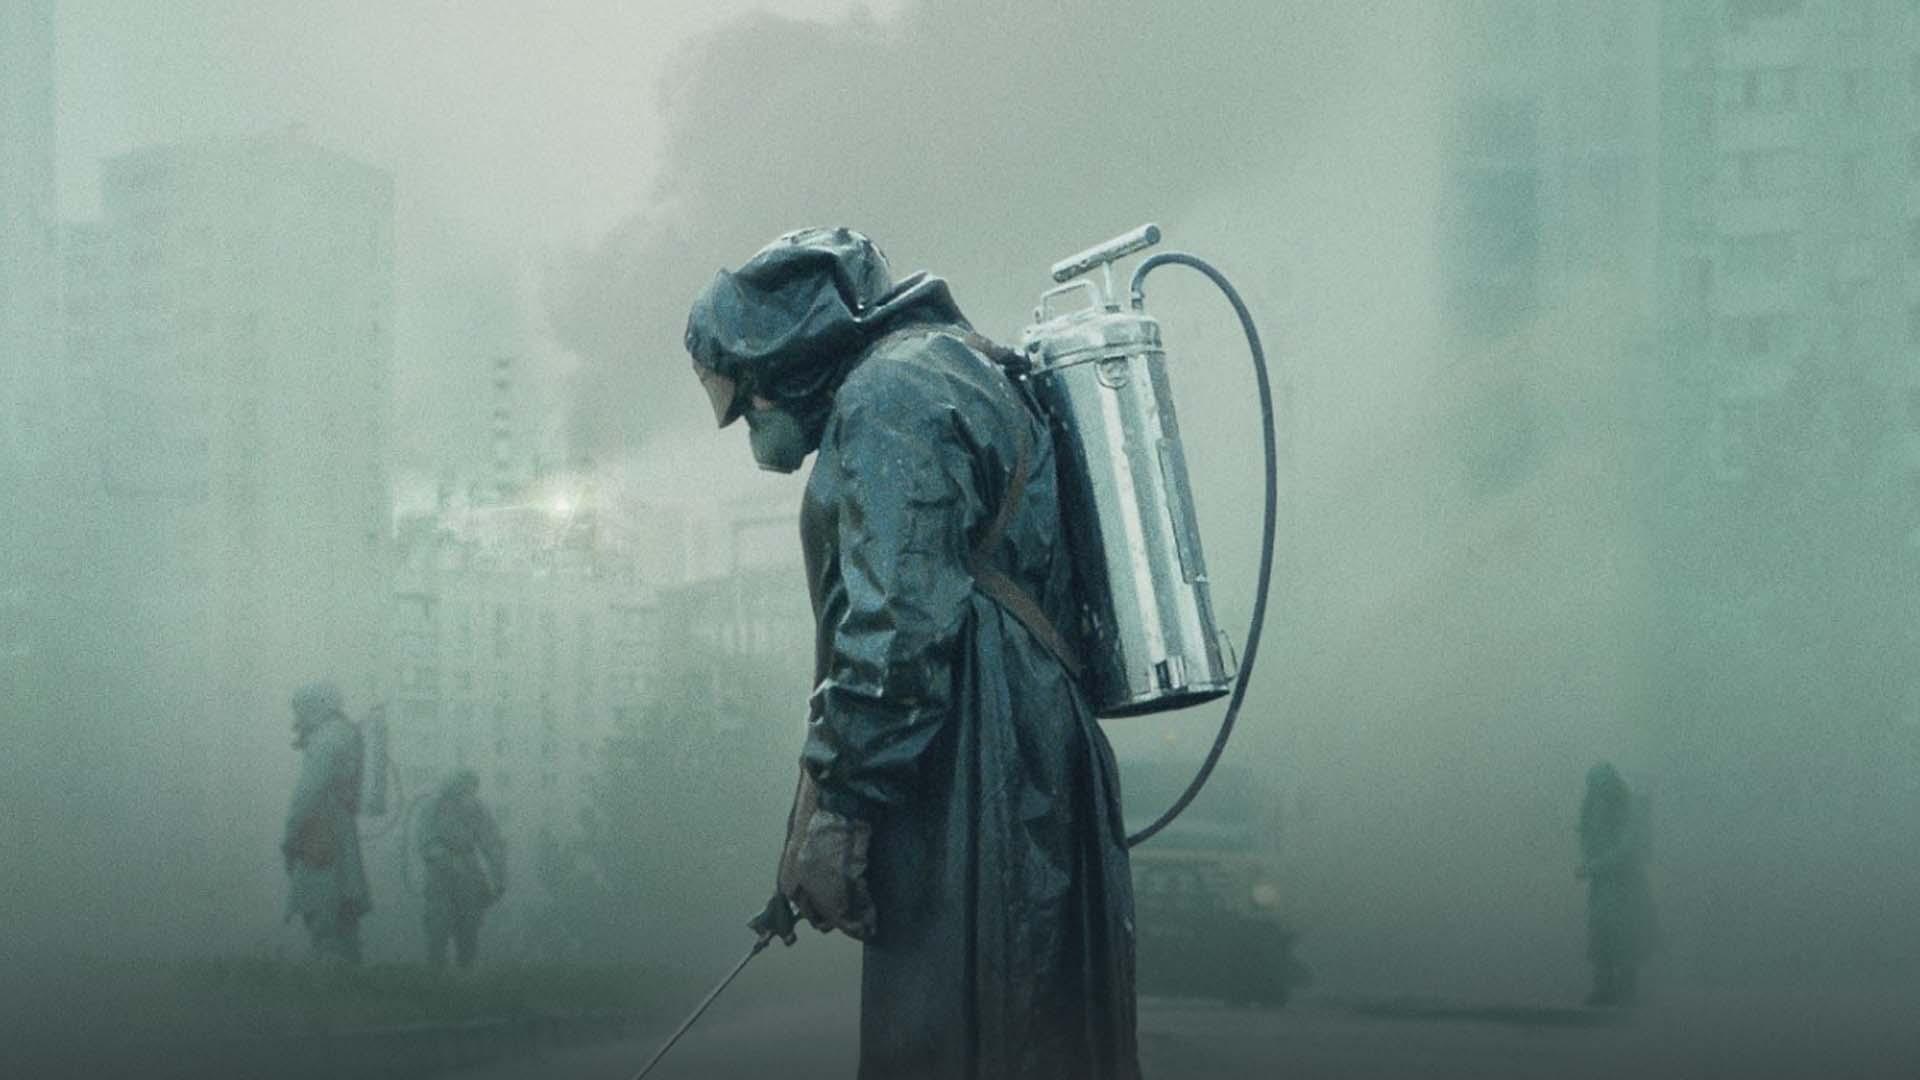 35 anni dopo, Chernobyl è ancora il peggior disastro nucleare della storia?